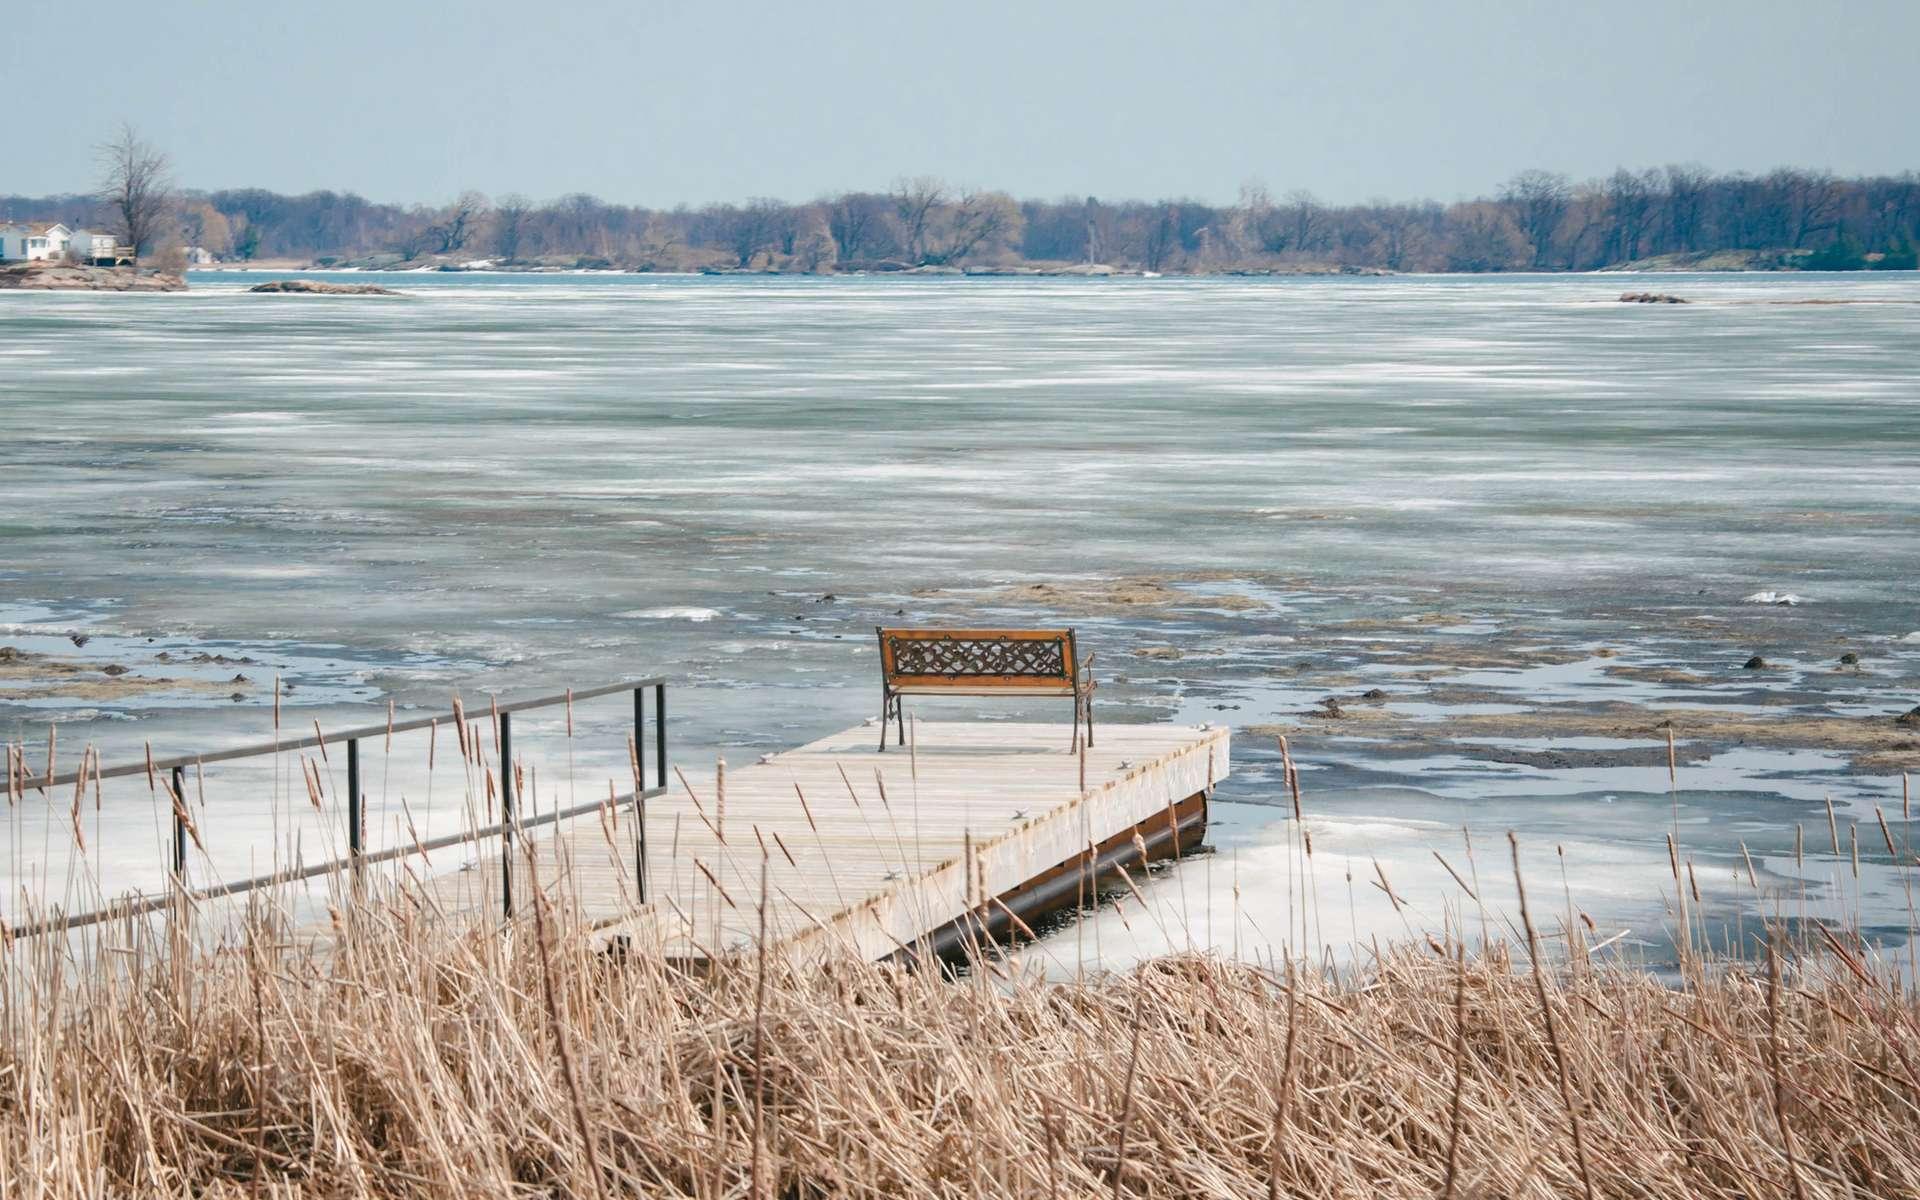 Les lacs qui arrêtent de geler en hiver : de lourdes conséquences écologiques et économiques. Lac gelé © Noxi, Flickr